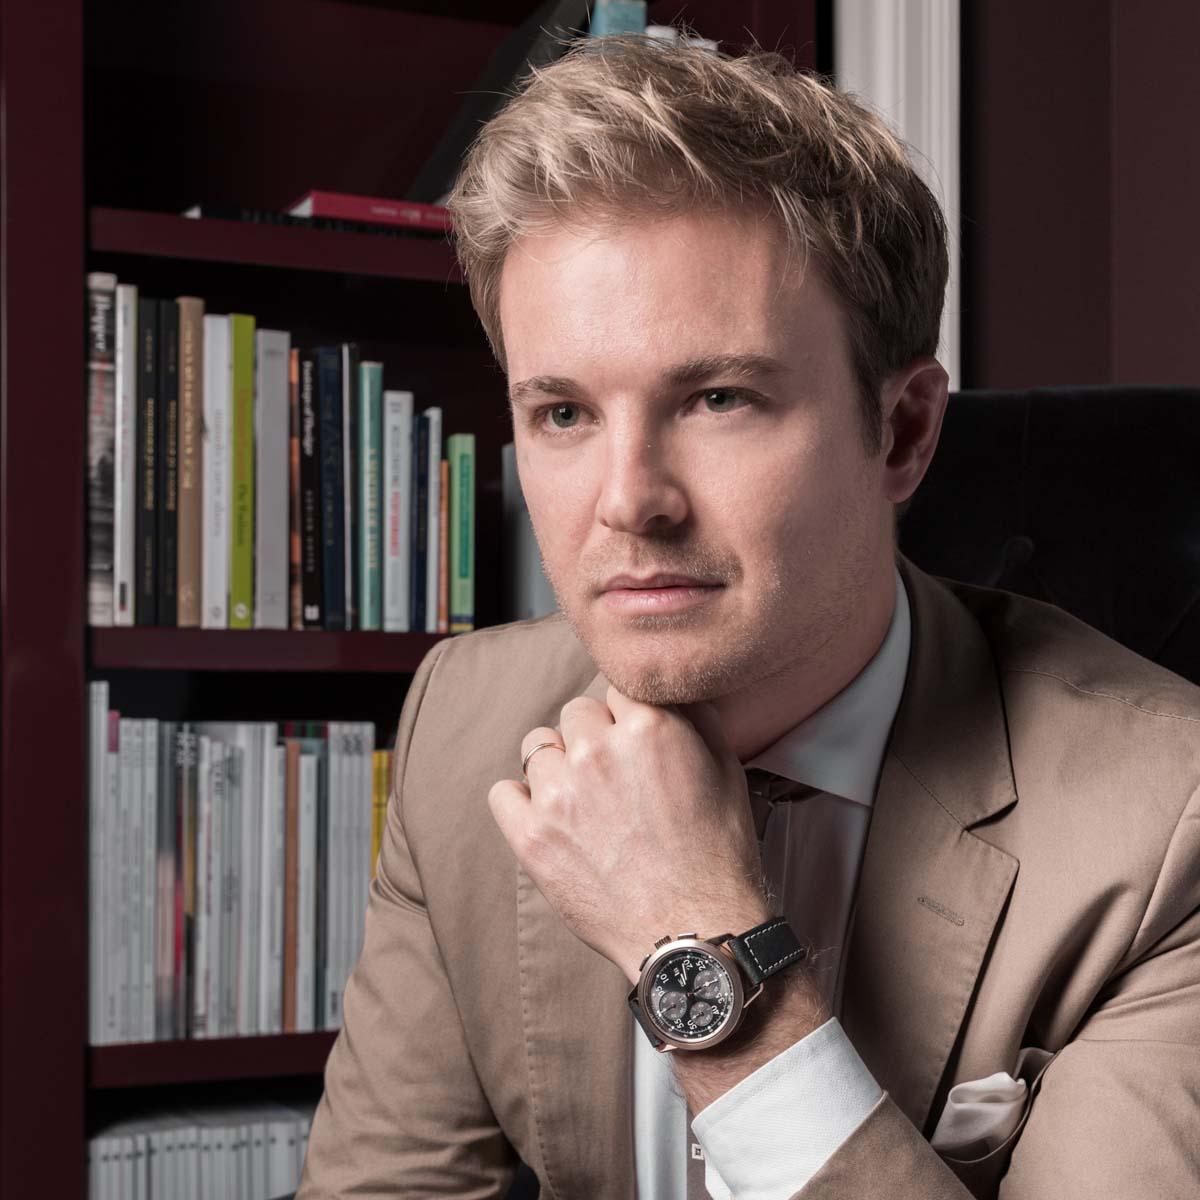 La Cote des Montres : Photo - IWC Ingenieur Chronographe « Tribute to Nico Rosberg »